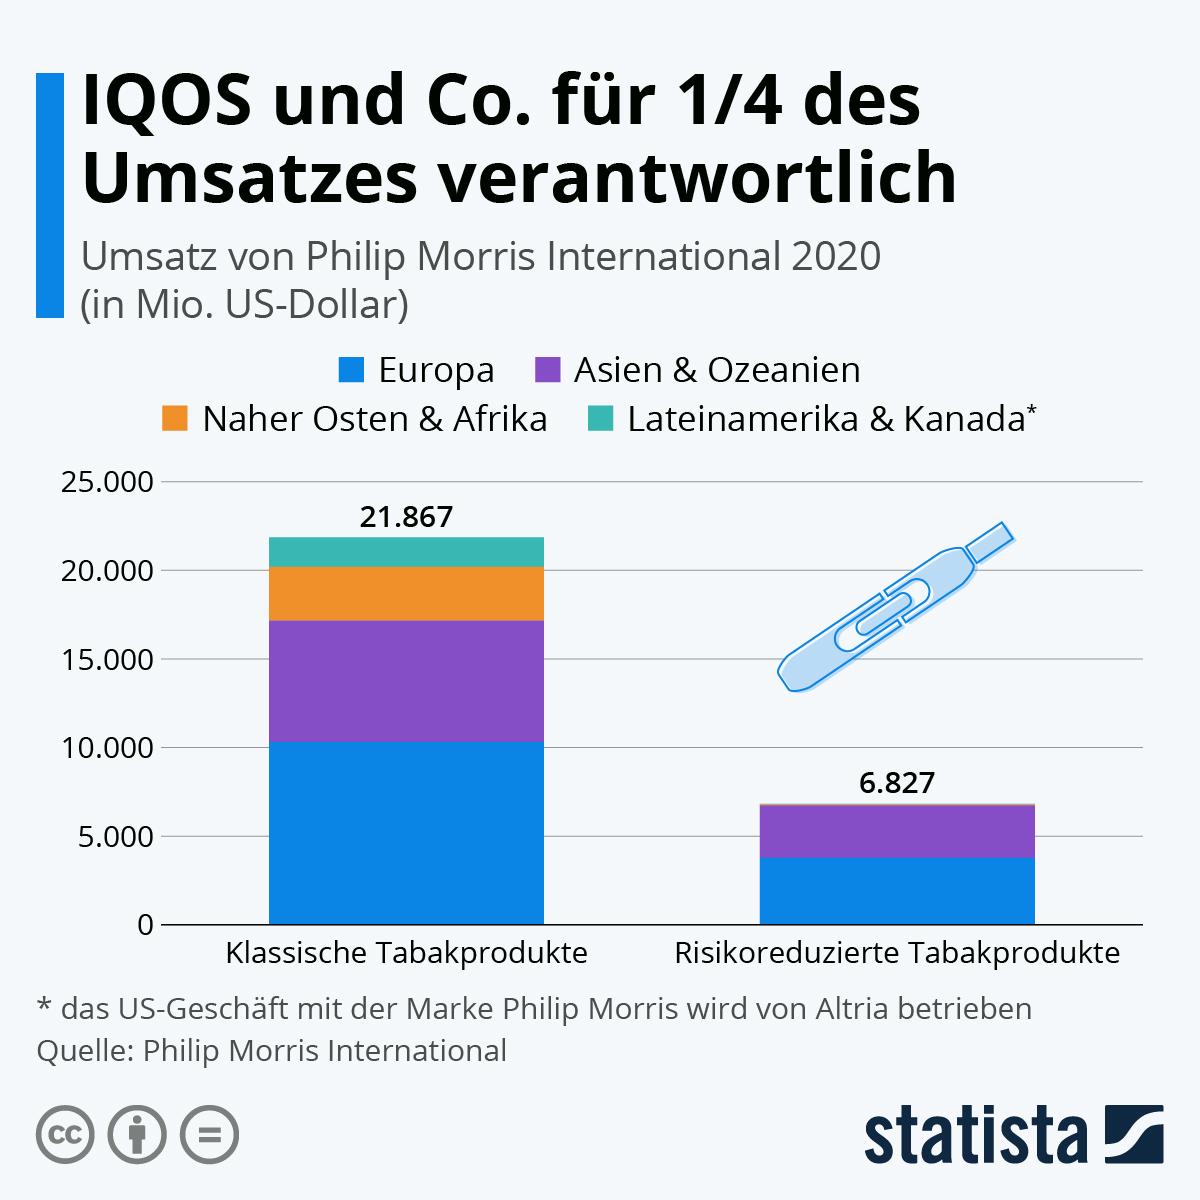 Infografik: IQOS und Co. für 1/4 des Umsatzes verantwortlich   Statista